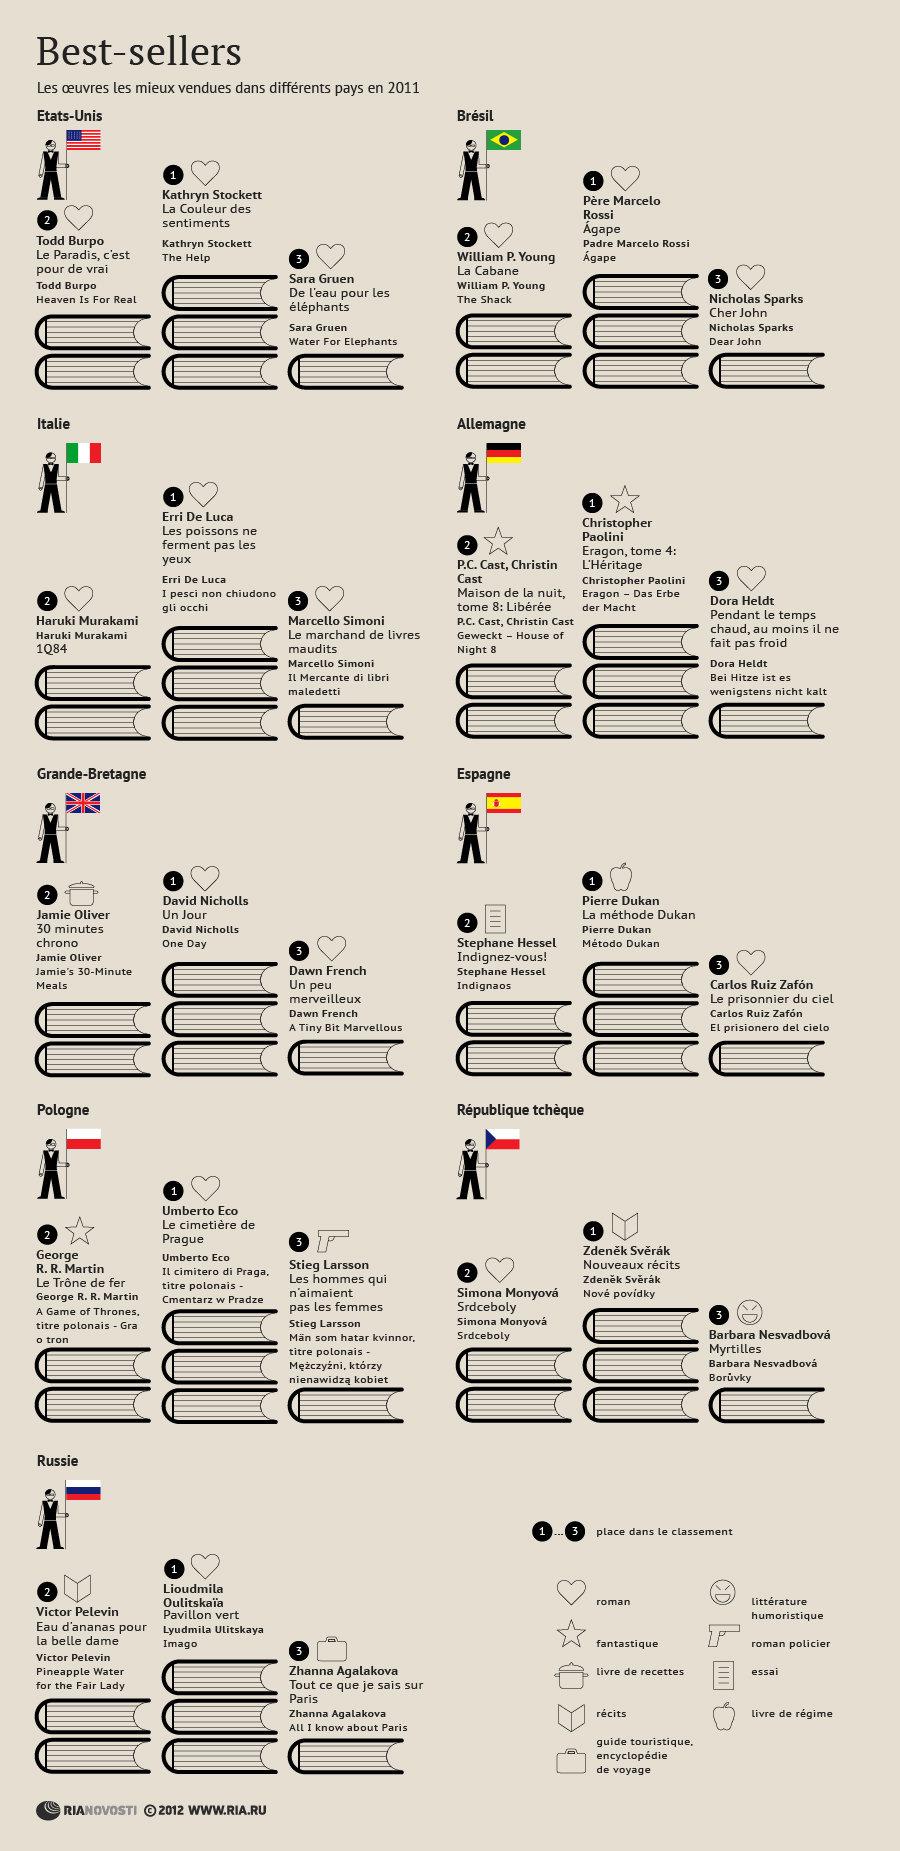 Best-sellers de la littérature mondiale 2011